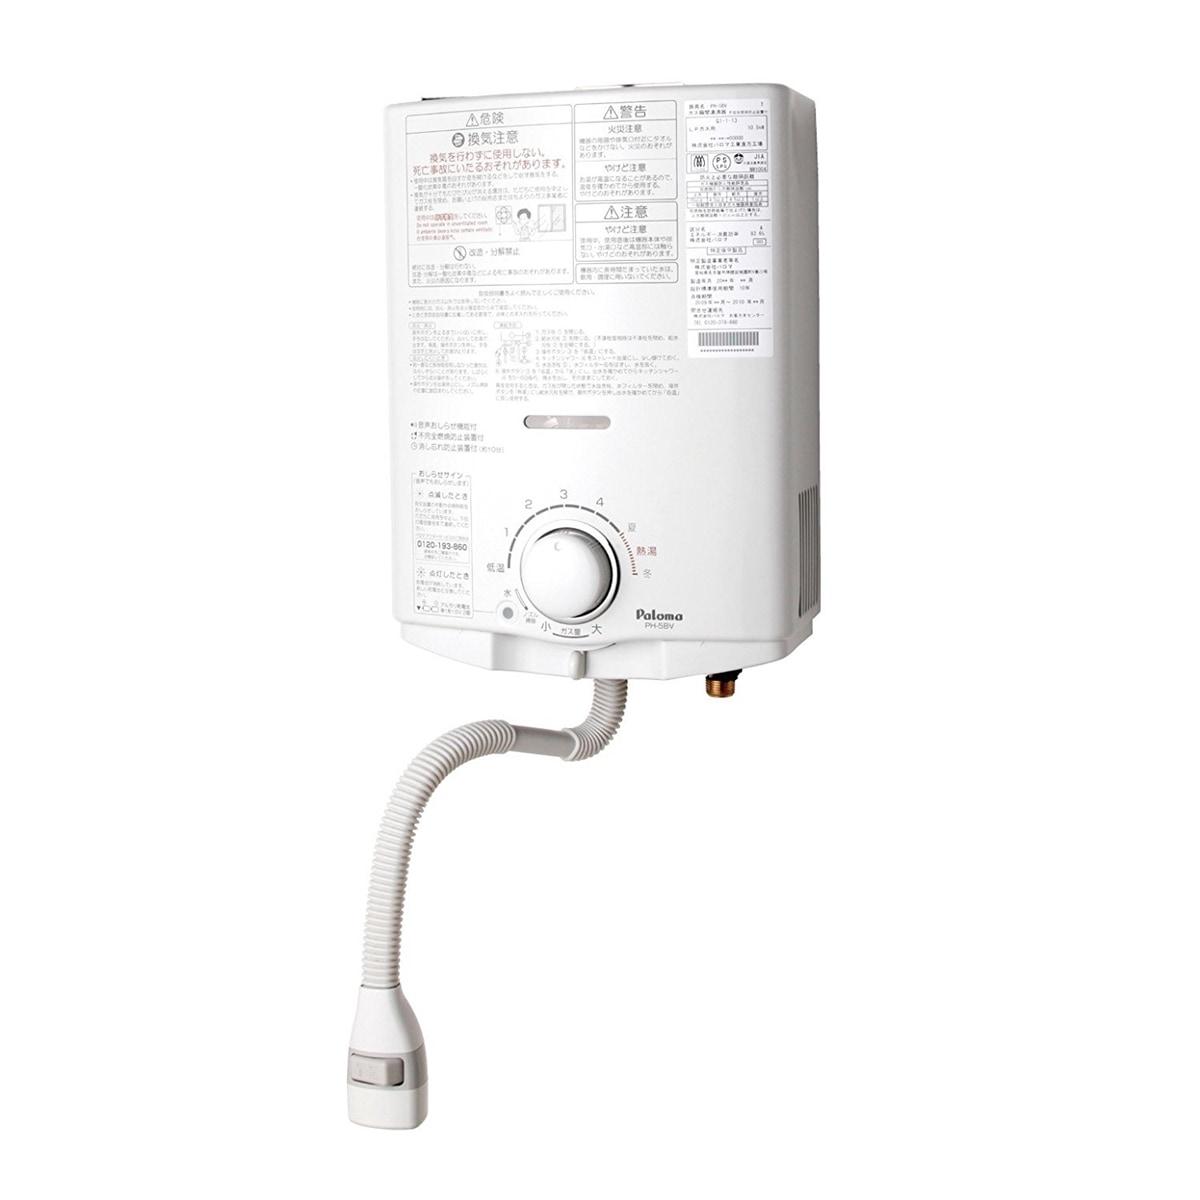 パロマ ガス給湯器 ガス湯沸器 プロパンガス(LP)タイプ 元止式 PH-5BV